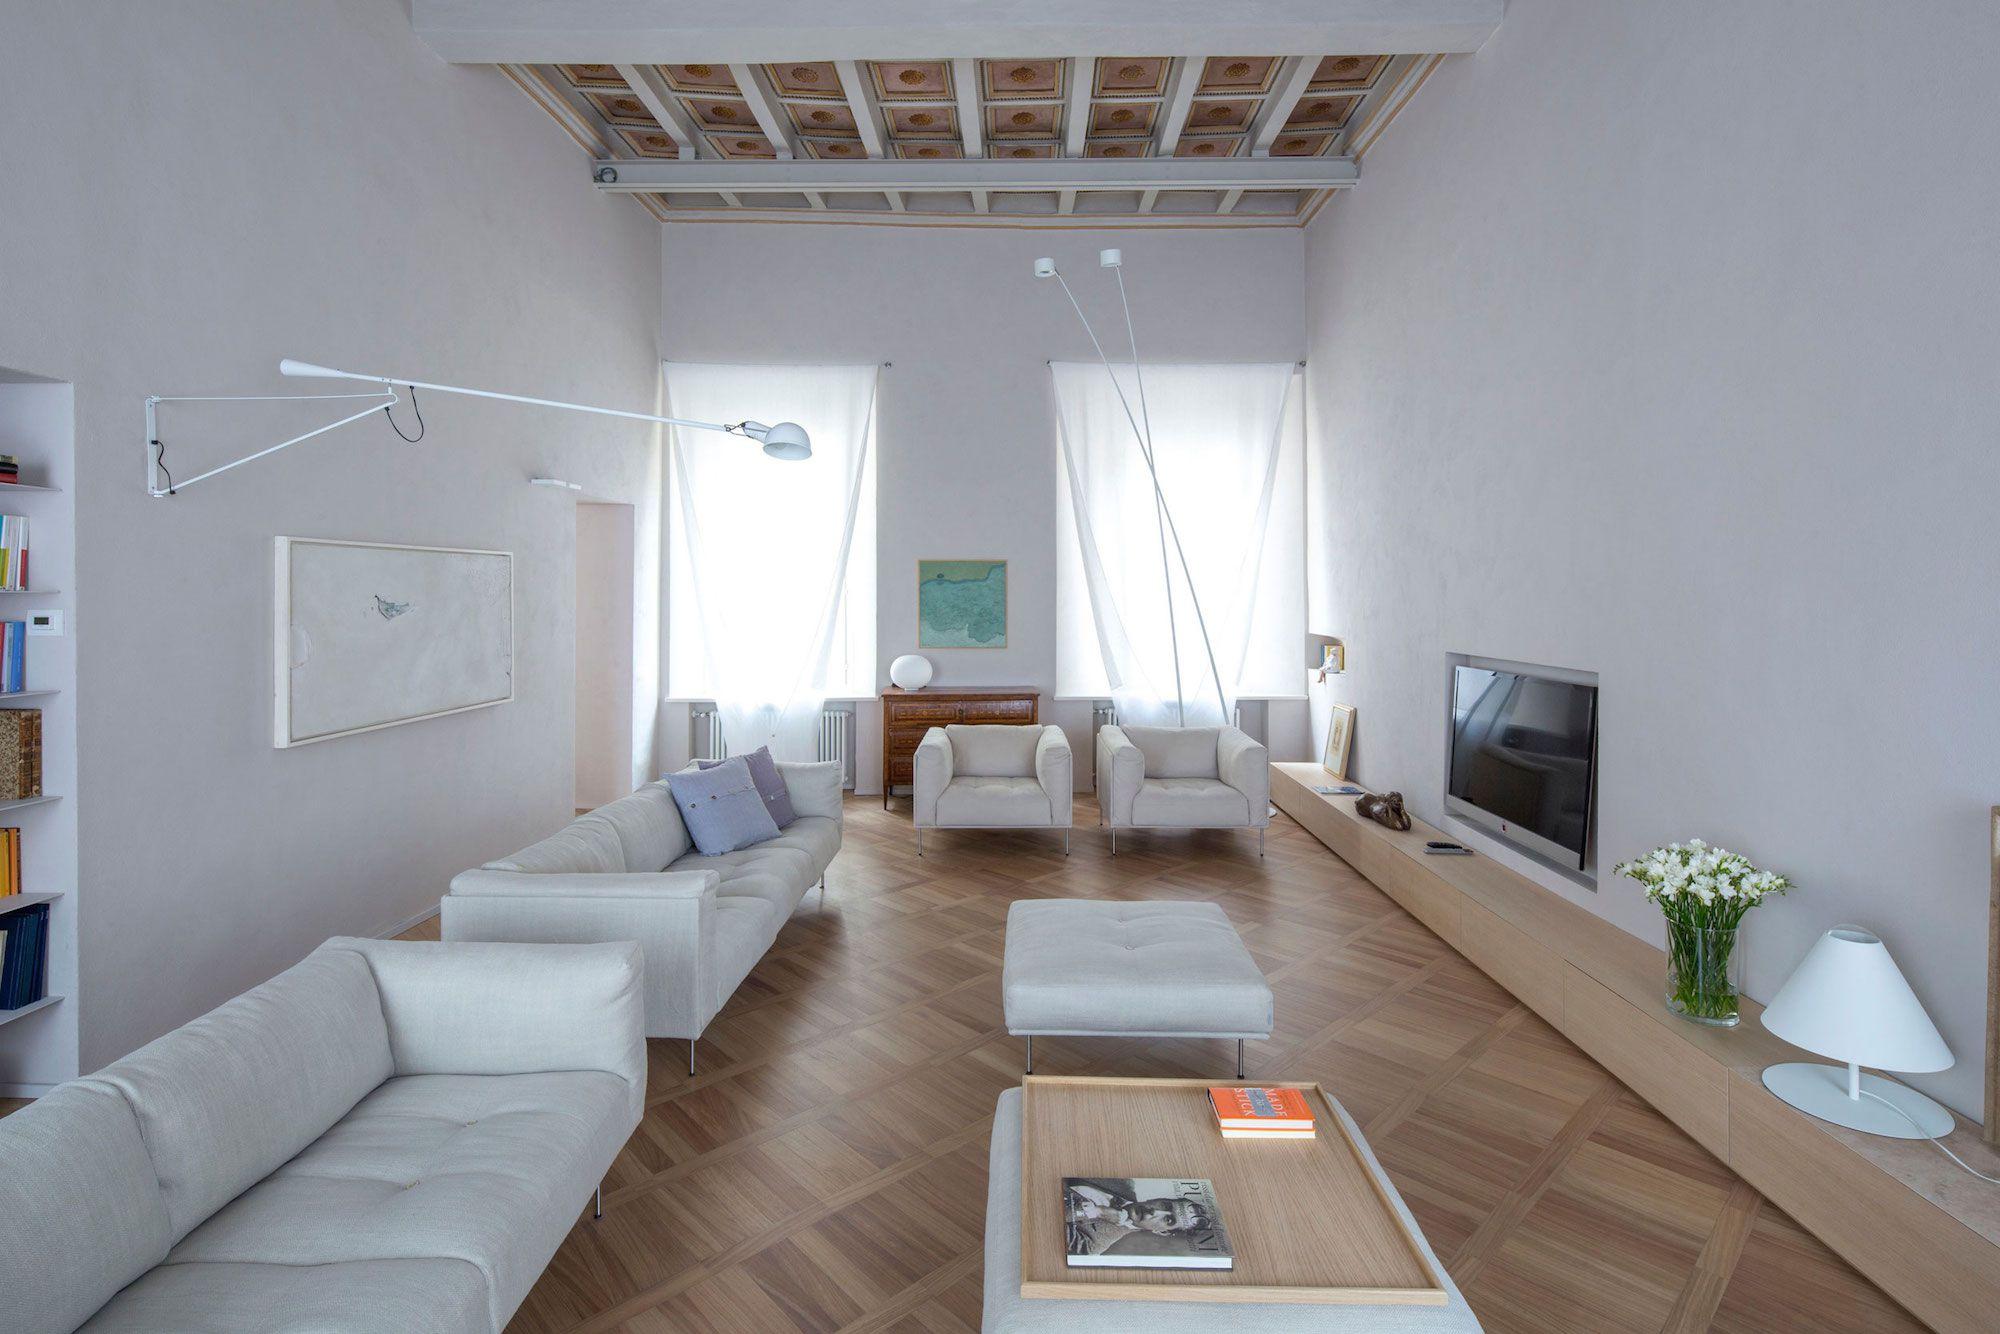 Apartment-in-Piacenza-01